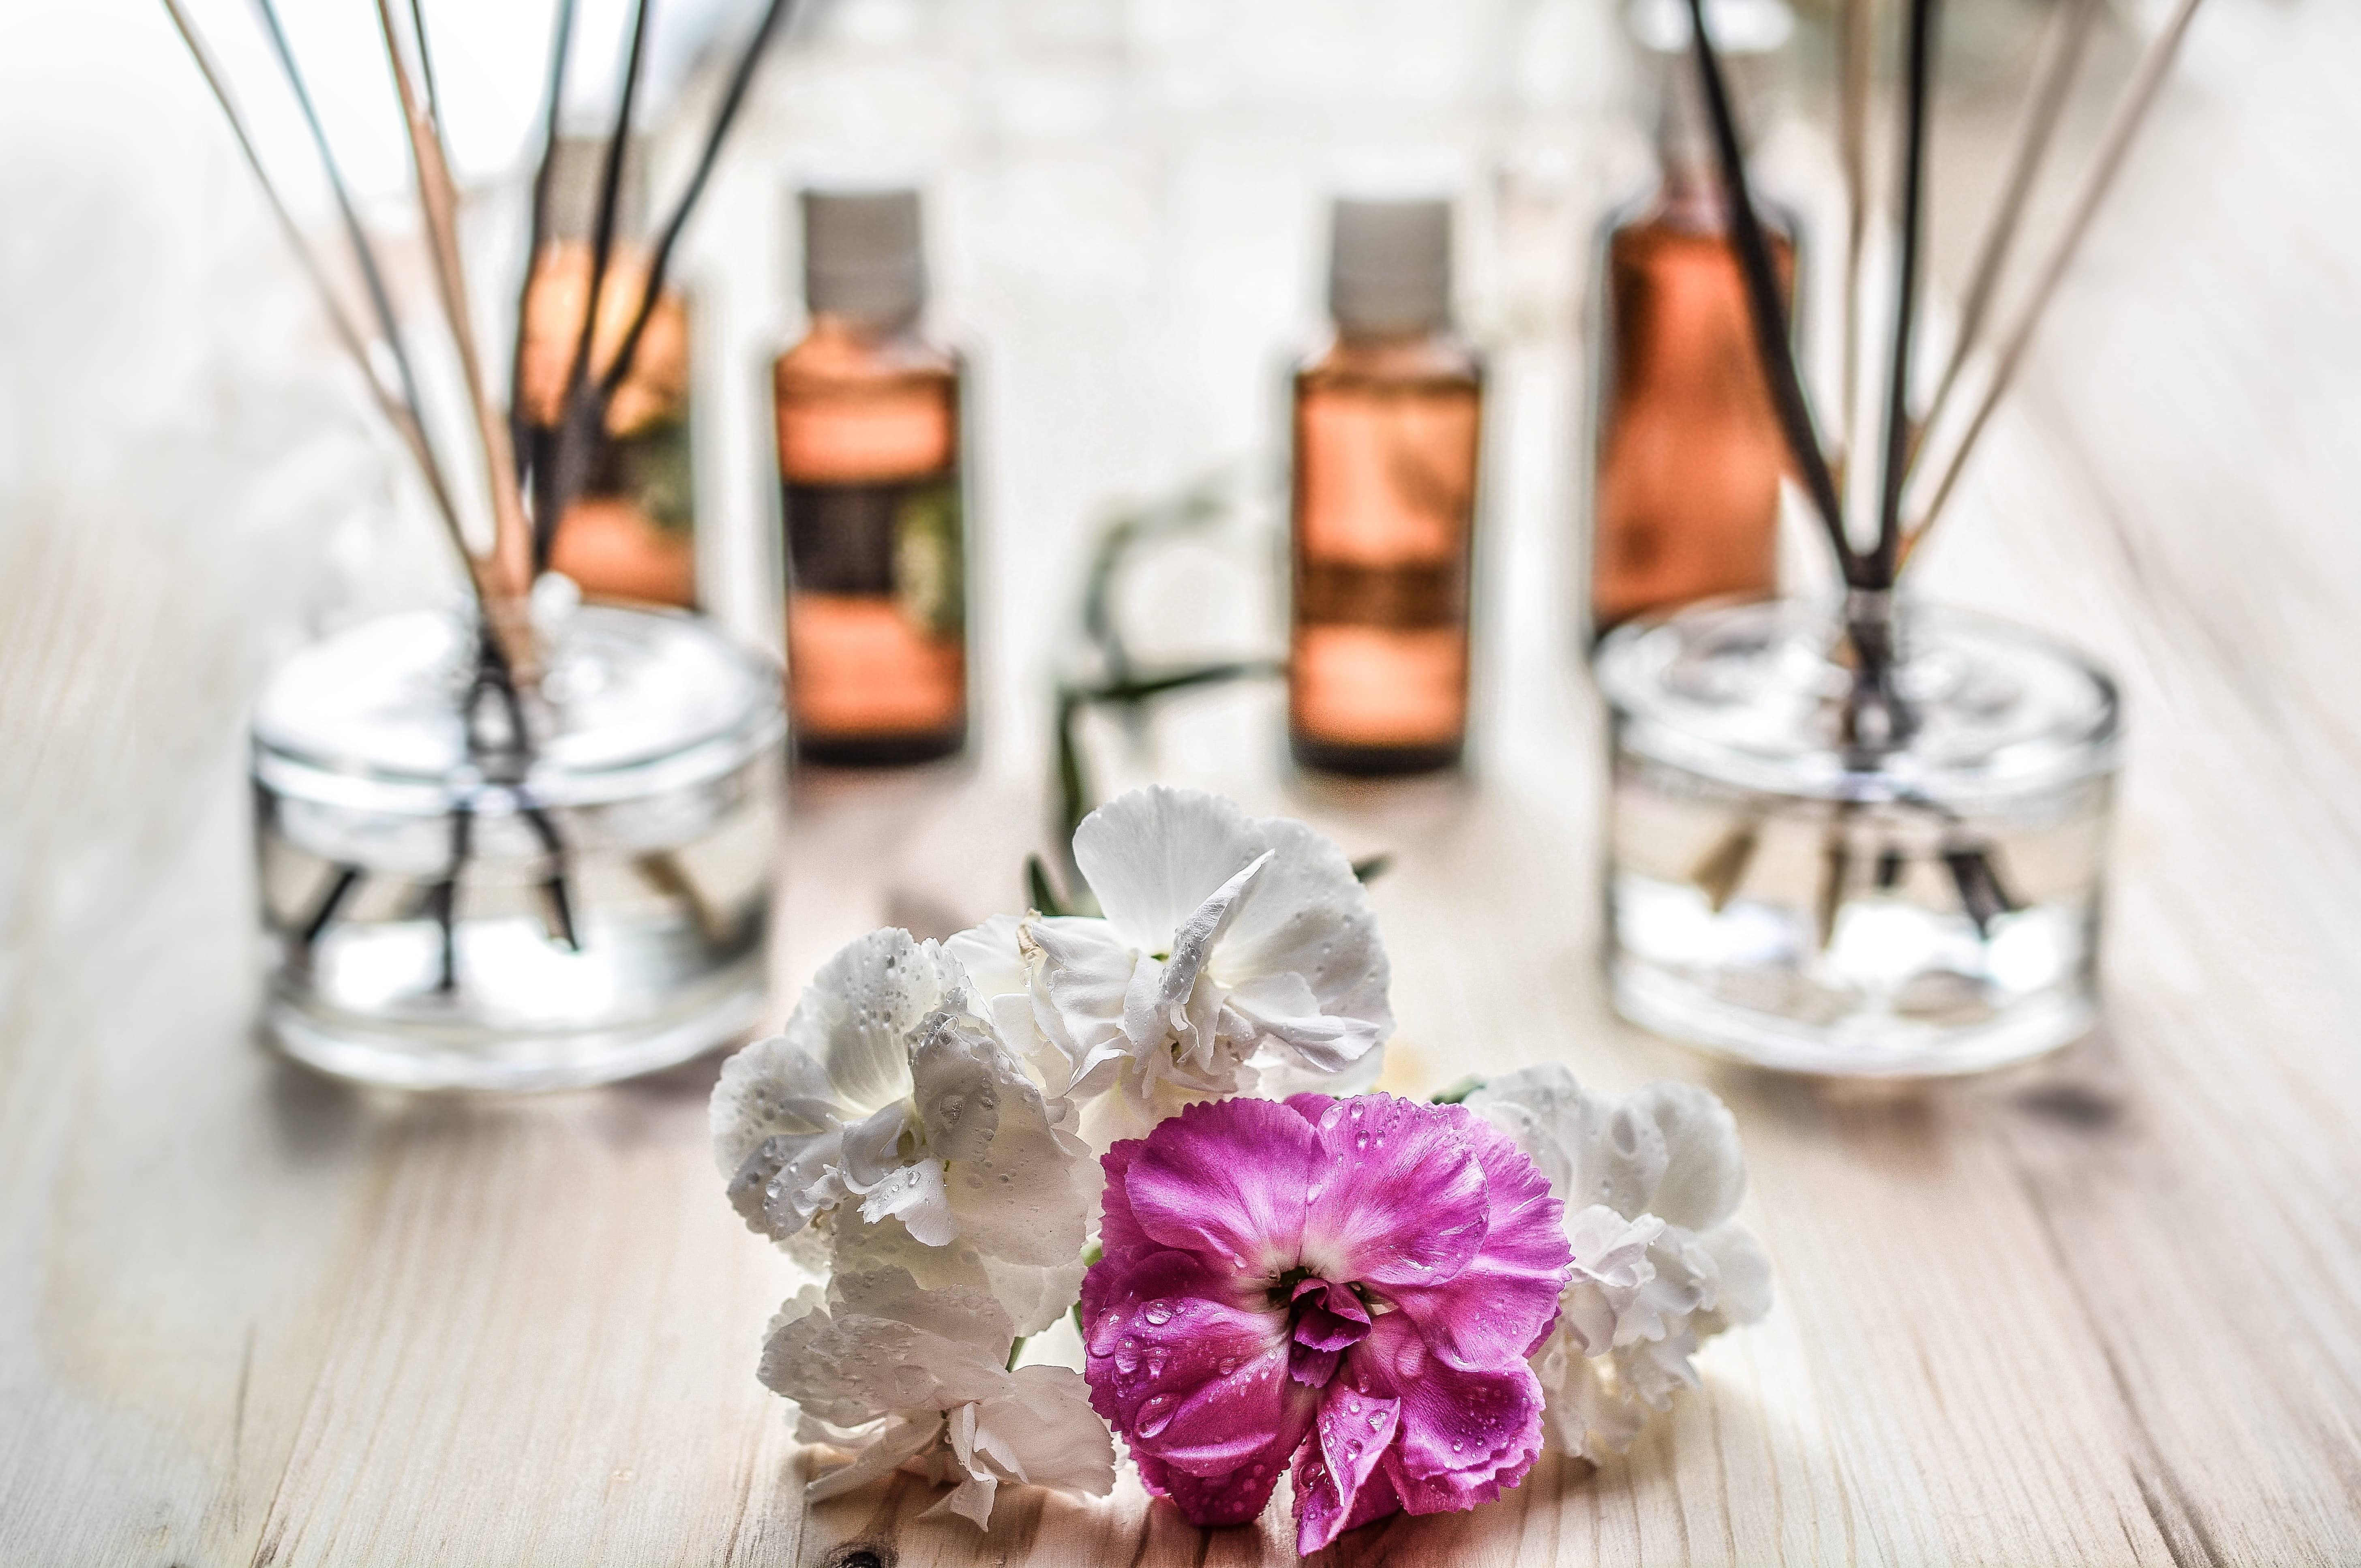 Elixir de fleurs de bach pour soulager les douleurs de l'arthrose